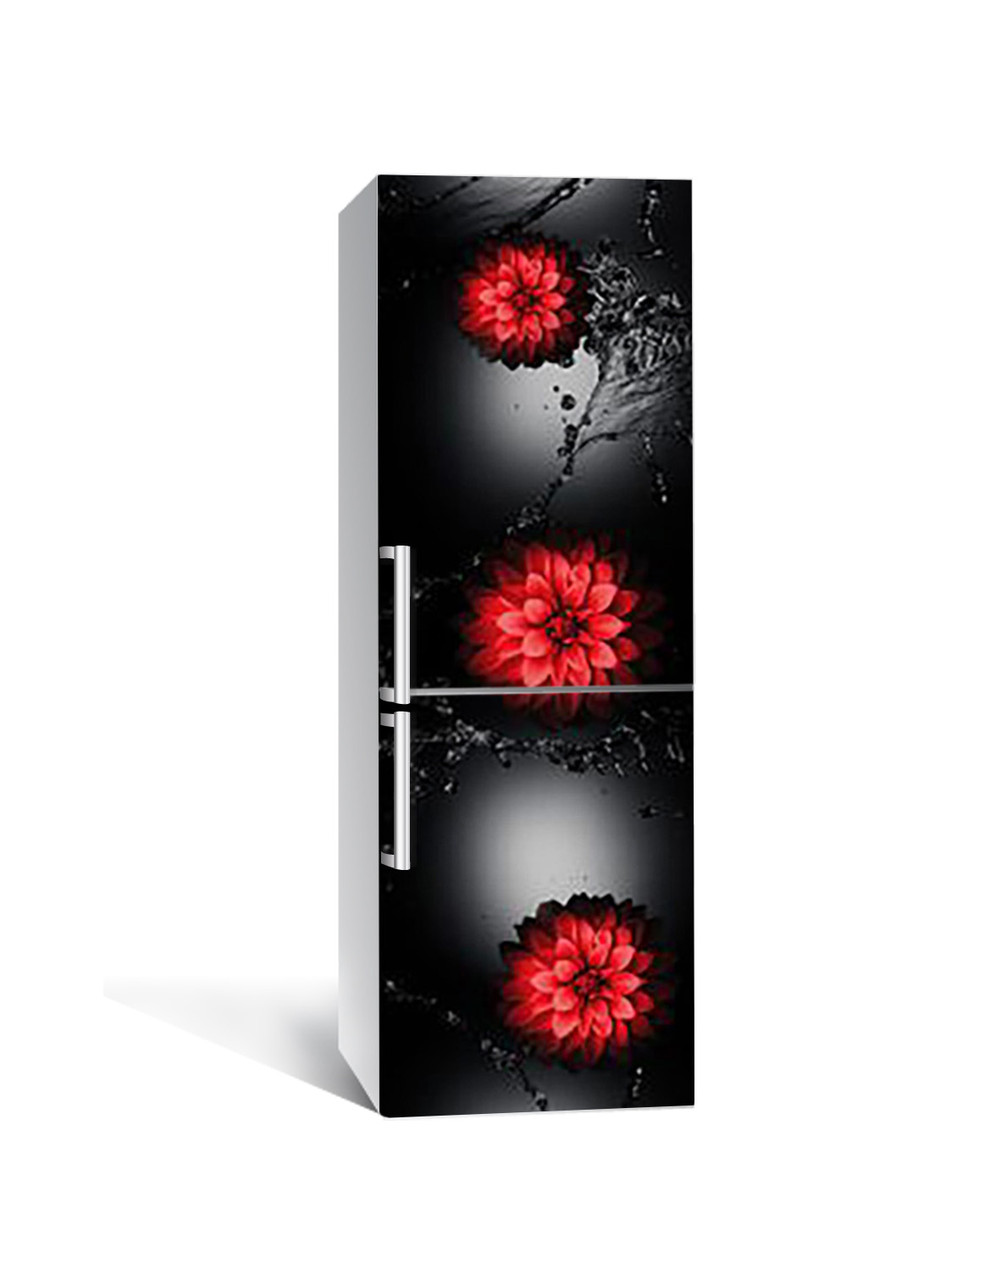 Виниловая 3Д наклейка на холодильник Красные цветы Вода (самоклеющаяся пленка ПВХ) брызги на черном фоне 650*2000 мм